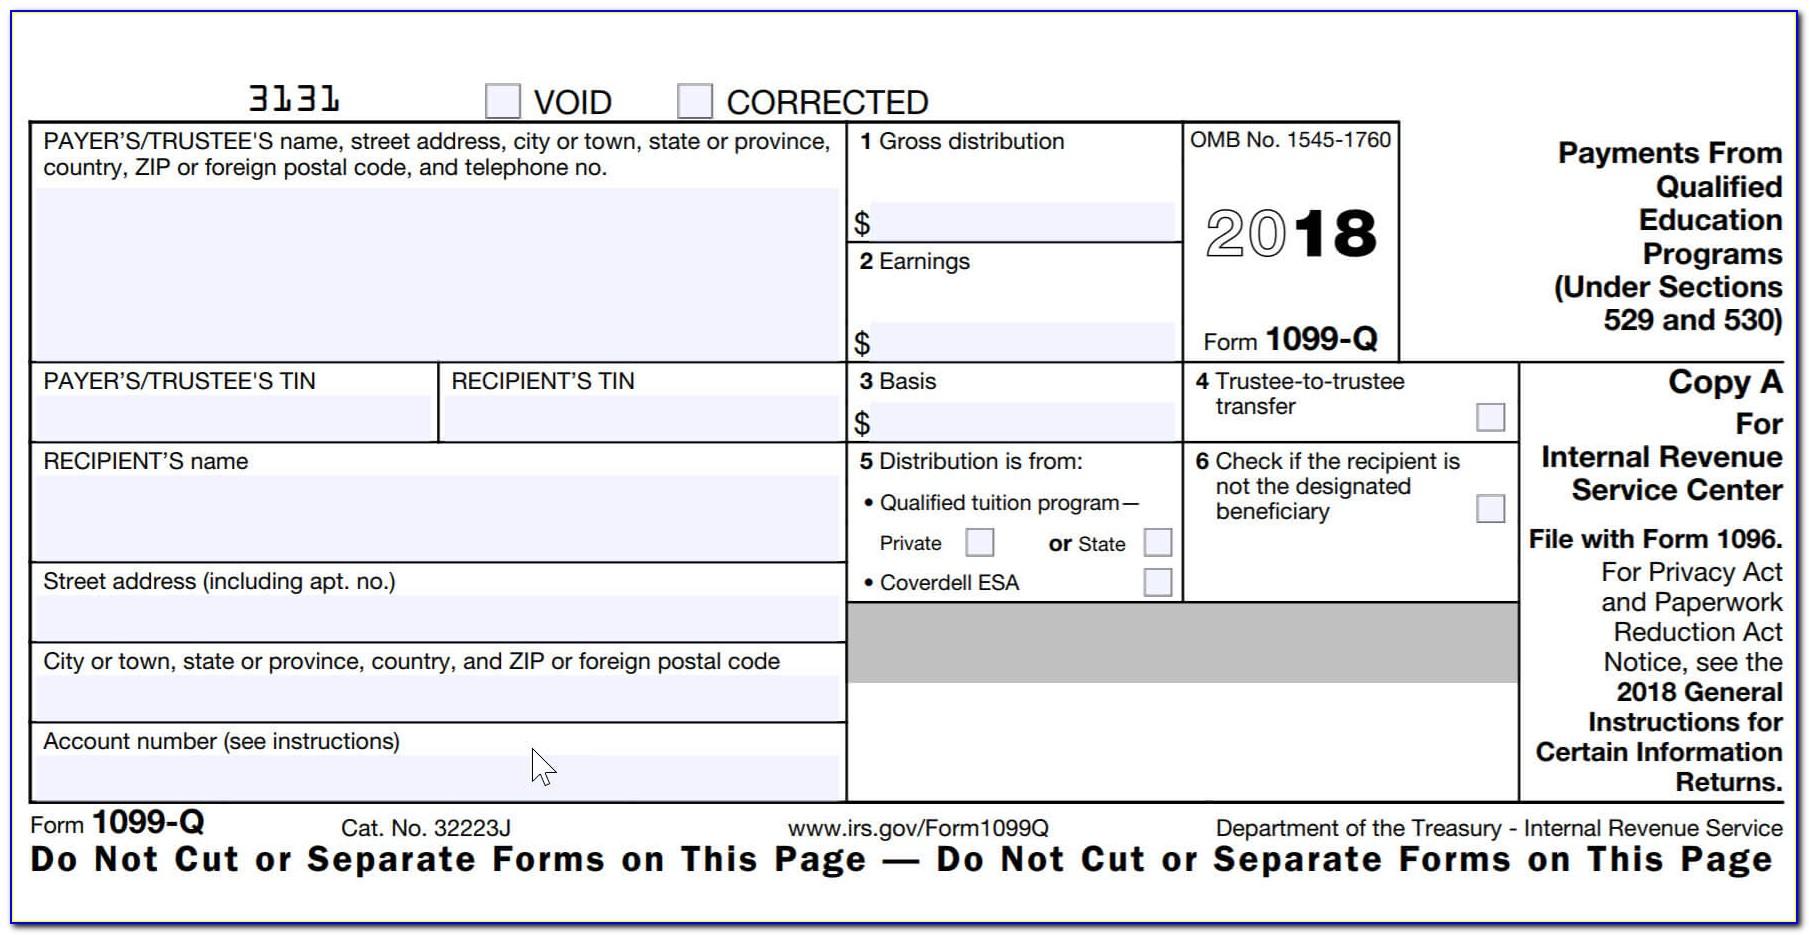 Form 1099 Printable 2017